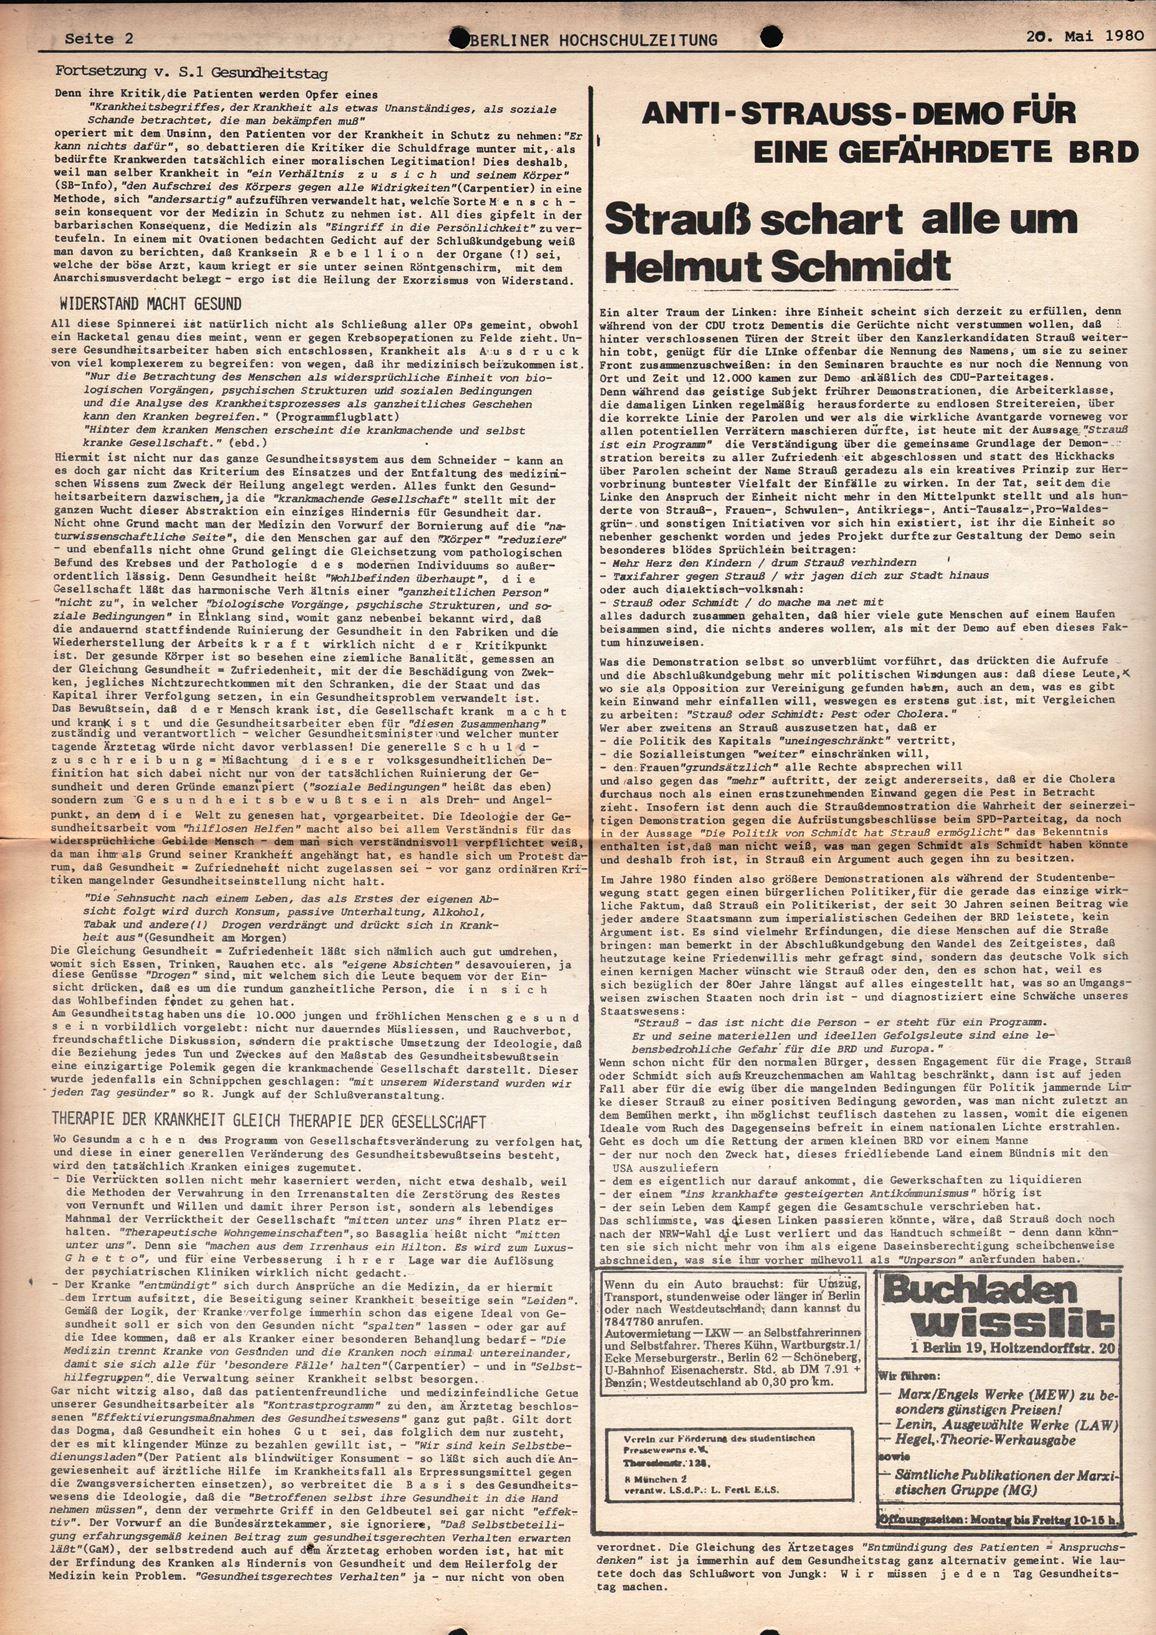 Berlin_MG_Hochschulzeitung_19800520_02